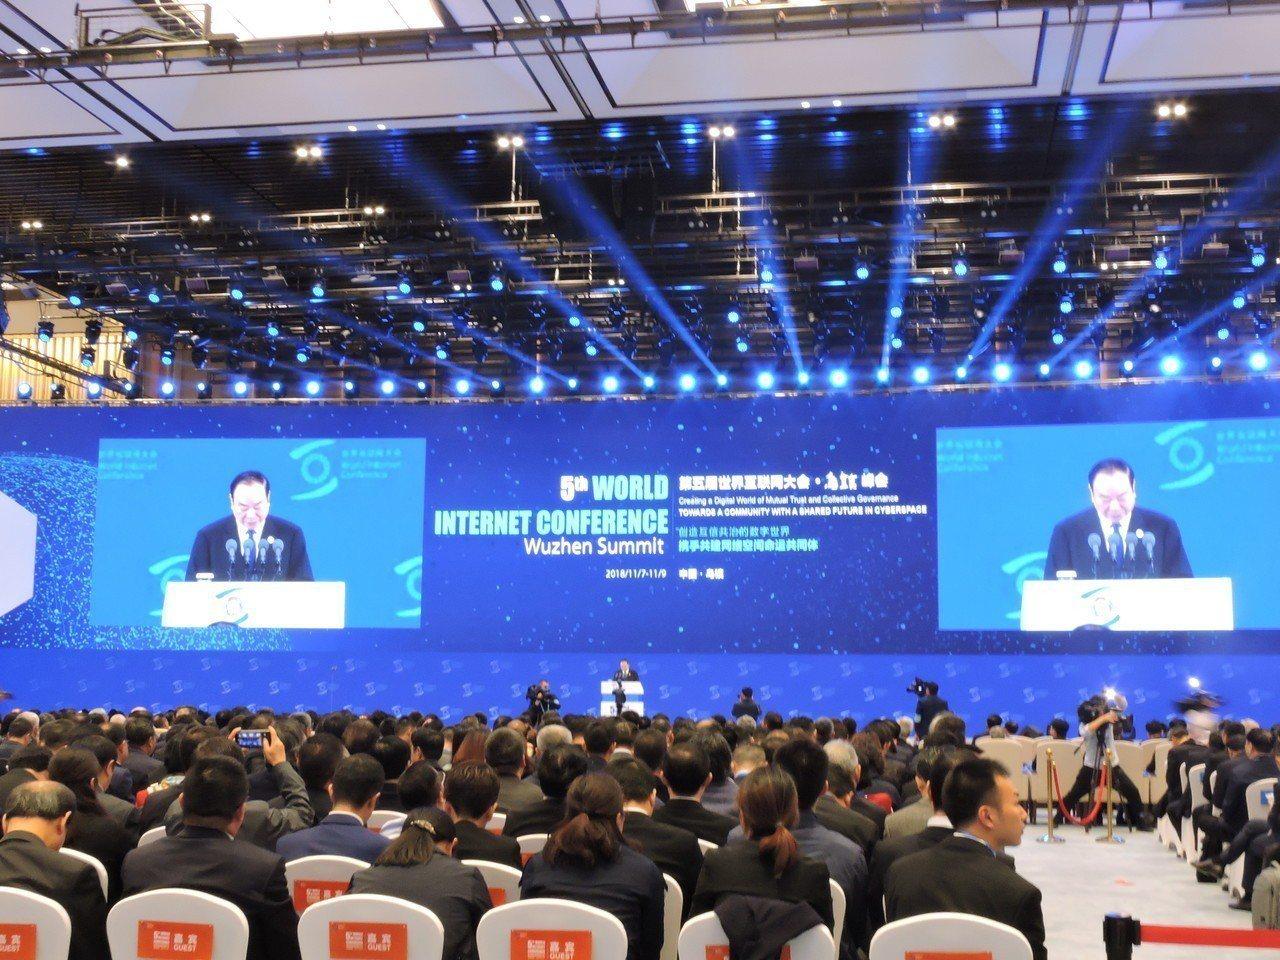 騰訊董事會主席、CEO馬化騰今(7)日出席第五屆世界互聯網大會開幕,透露騰訊也要...